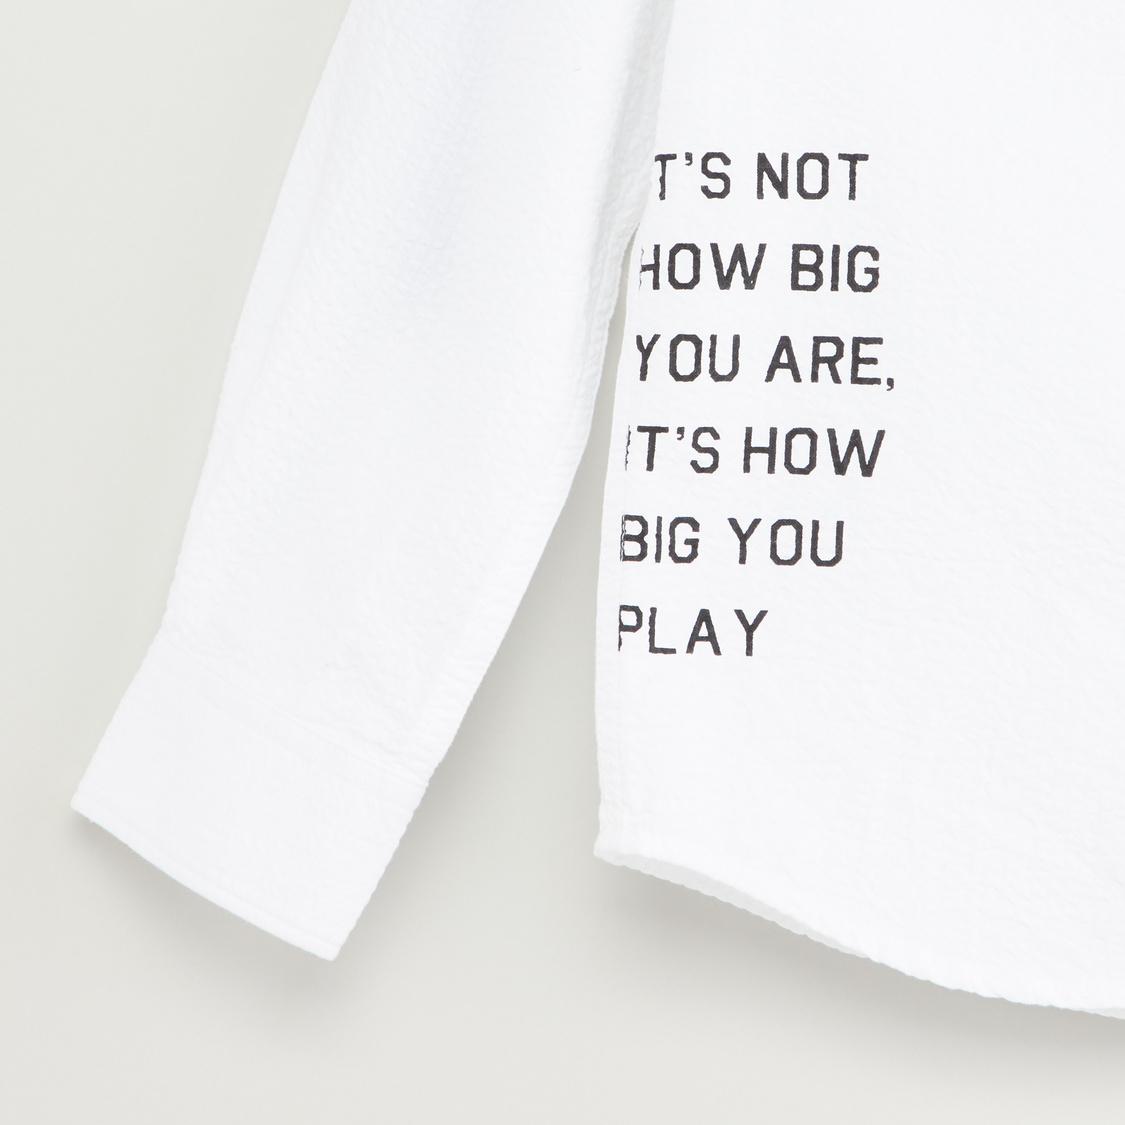 قميص بأكمام طويلة وجيب وطبعات تايبوجرافيك